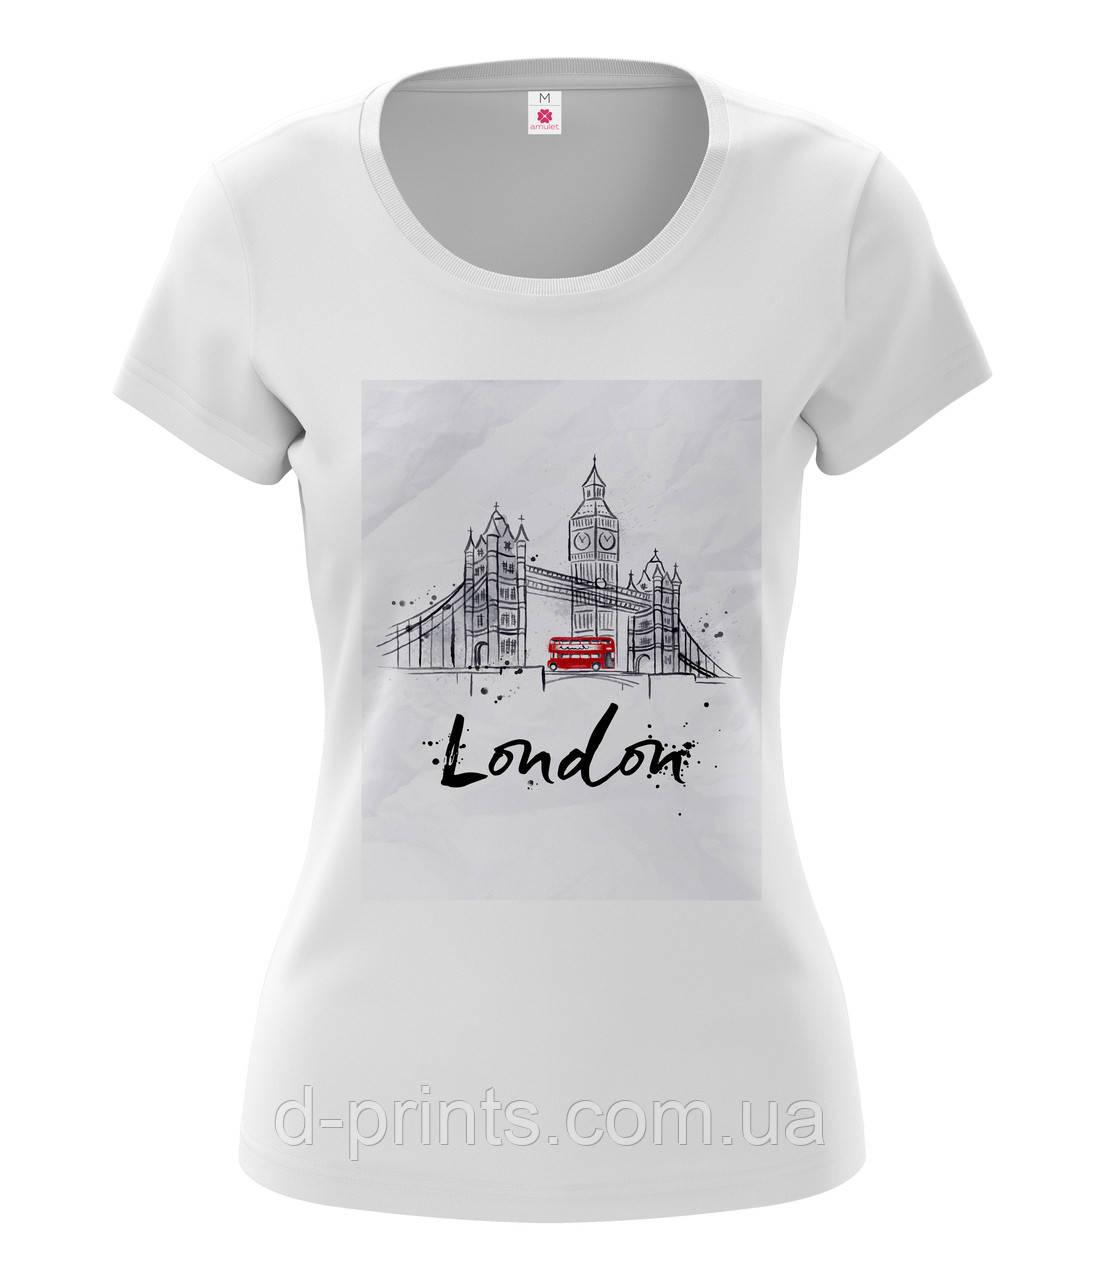 """Футболка женская с рисунком """"London """""""